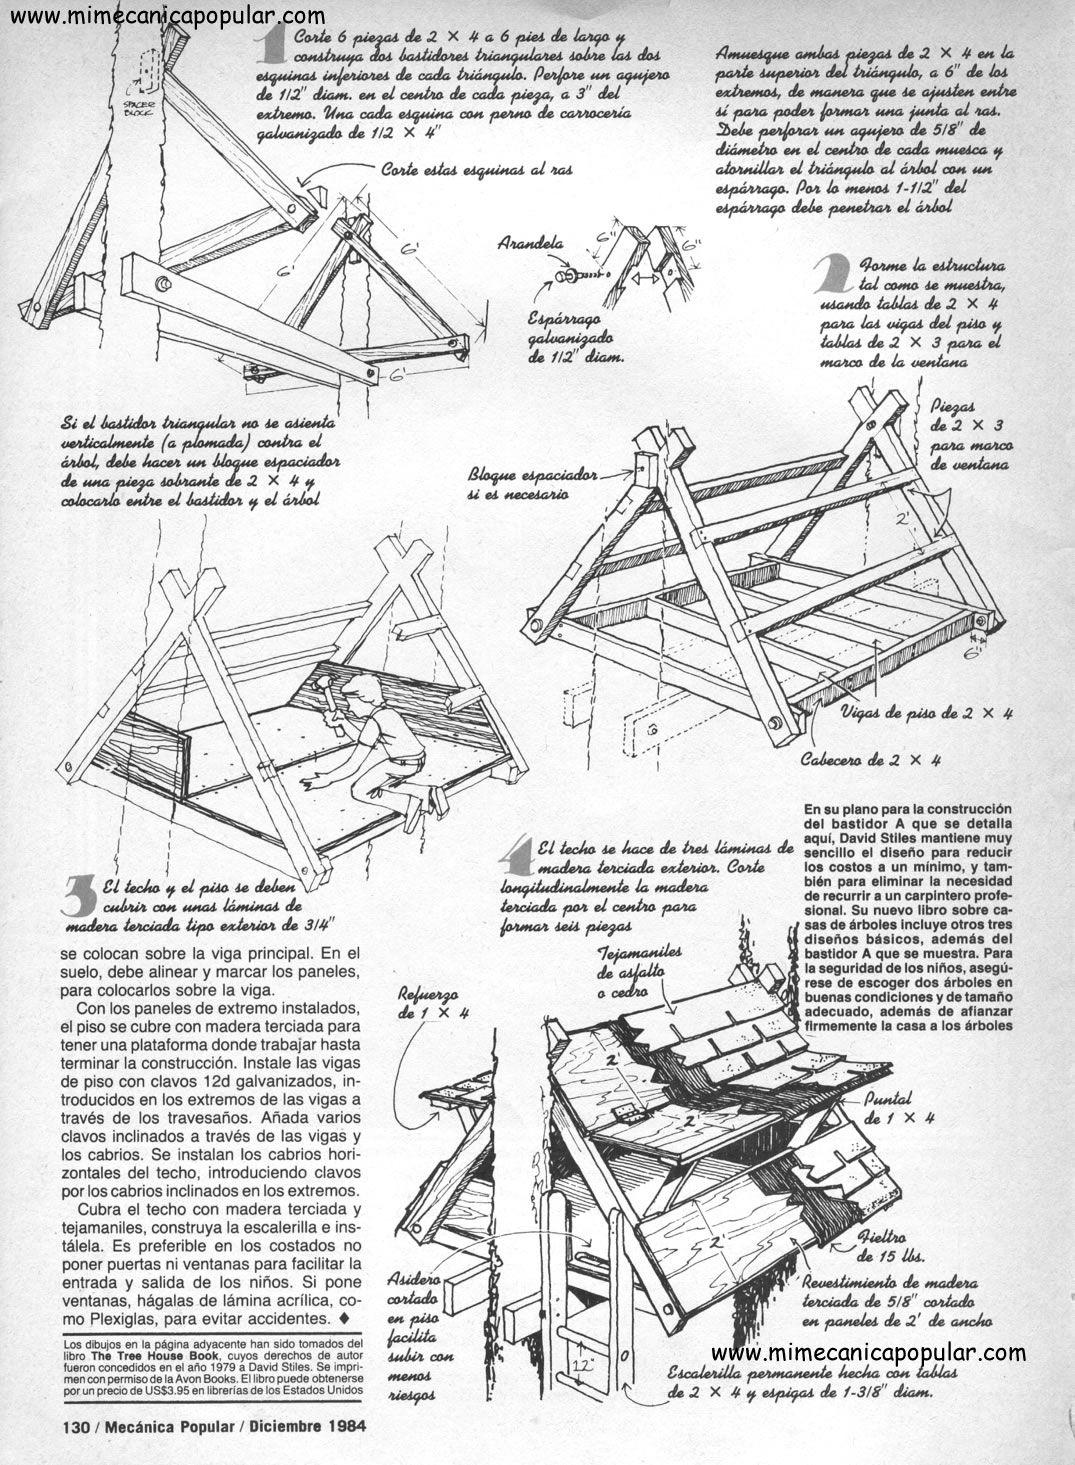 Increíble Marco De 8 X 4 Foto Colección de Imágenes - Ideas de Arte ...